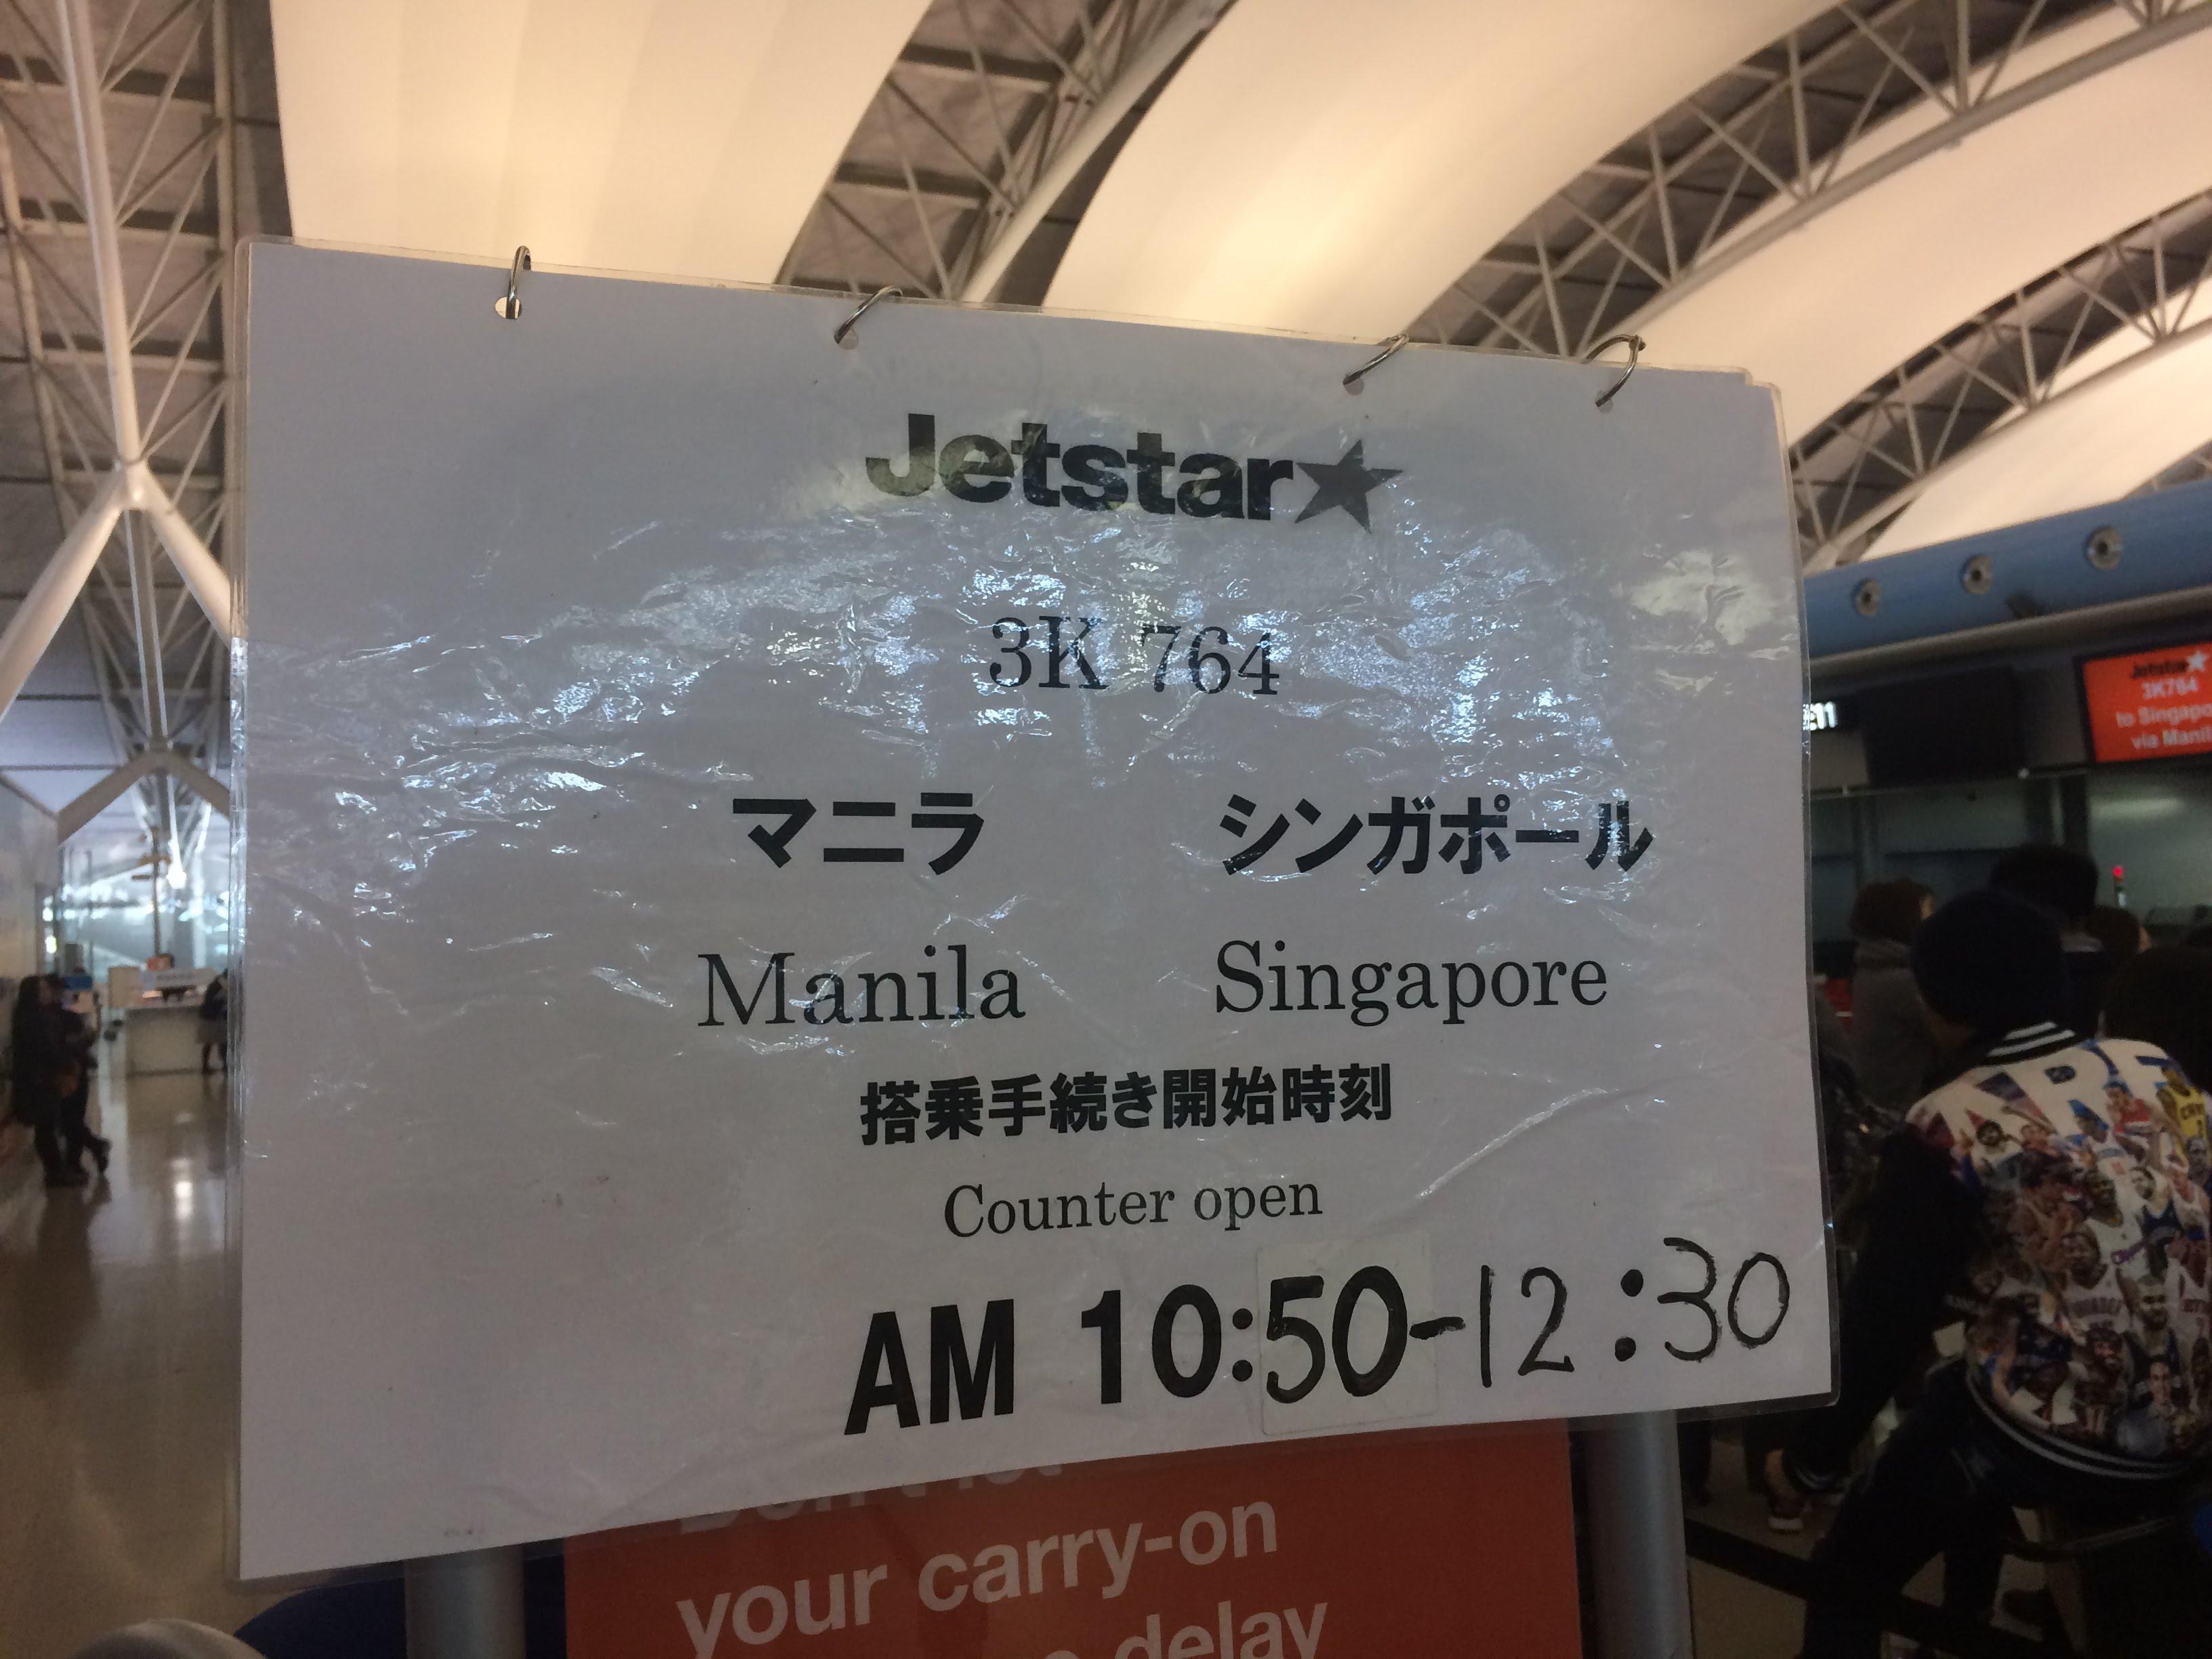 2018年初頭に関西国際空港からマニラ国際空港までジェットスター・アジア航空を利用してみた件